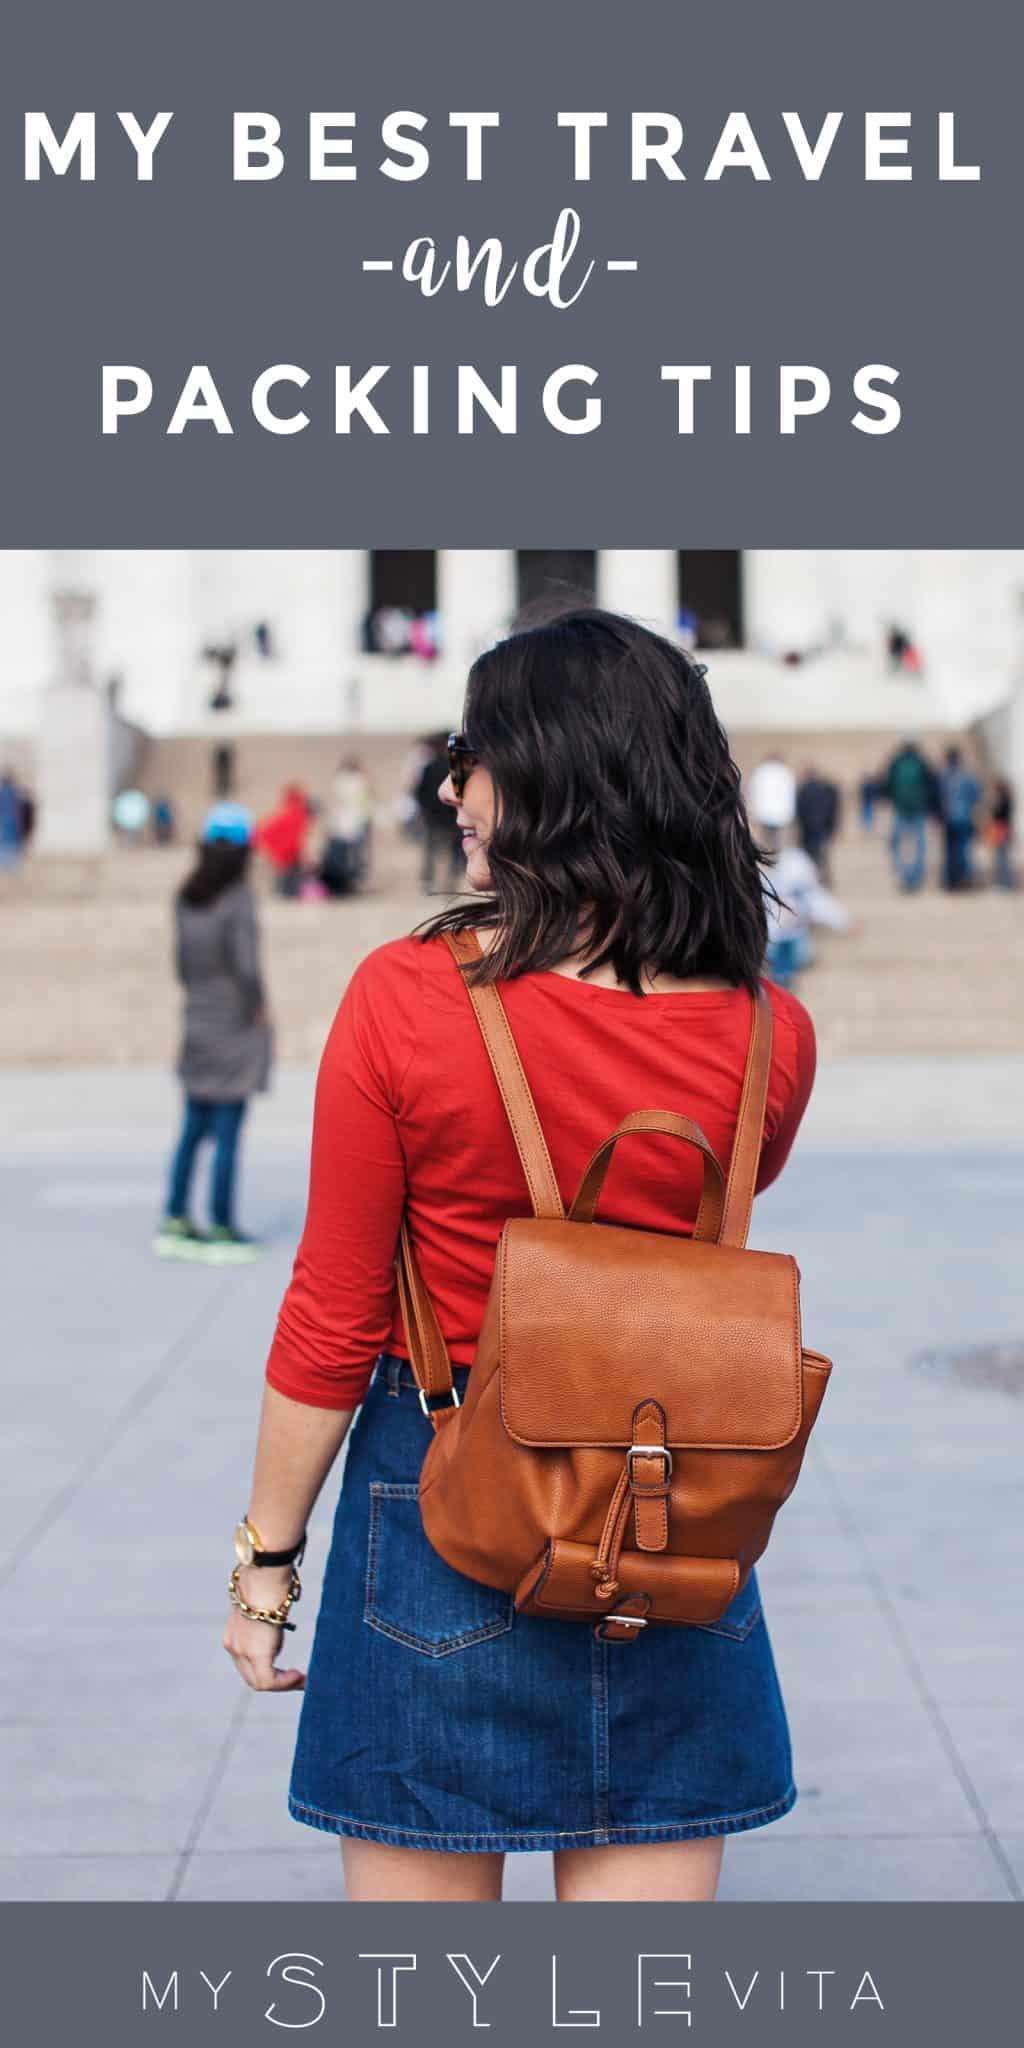 Best travel tips for staying sane and stylish - My Style Vita @mystylevita